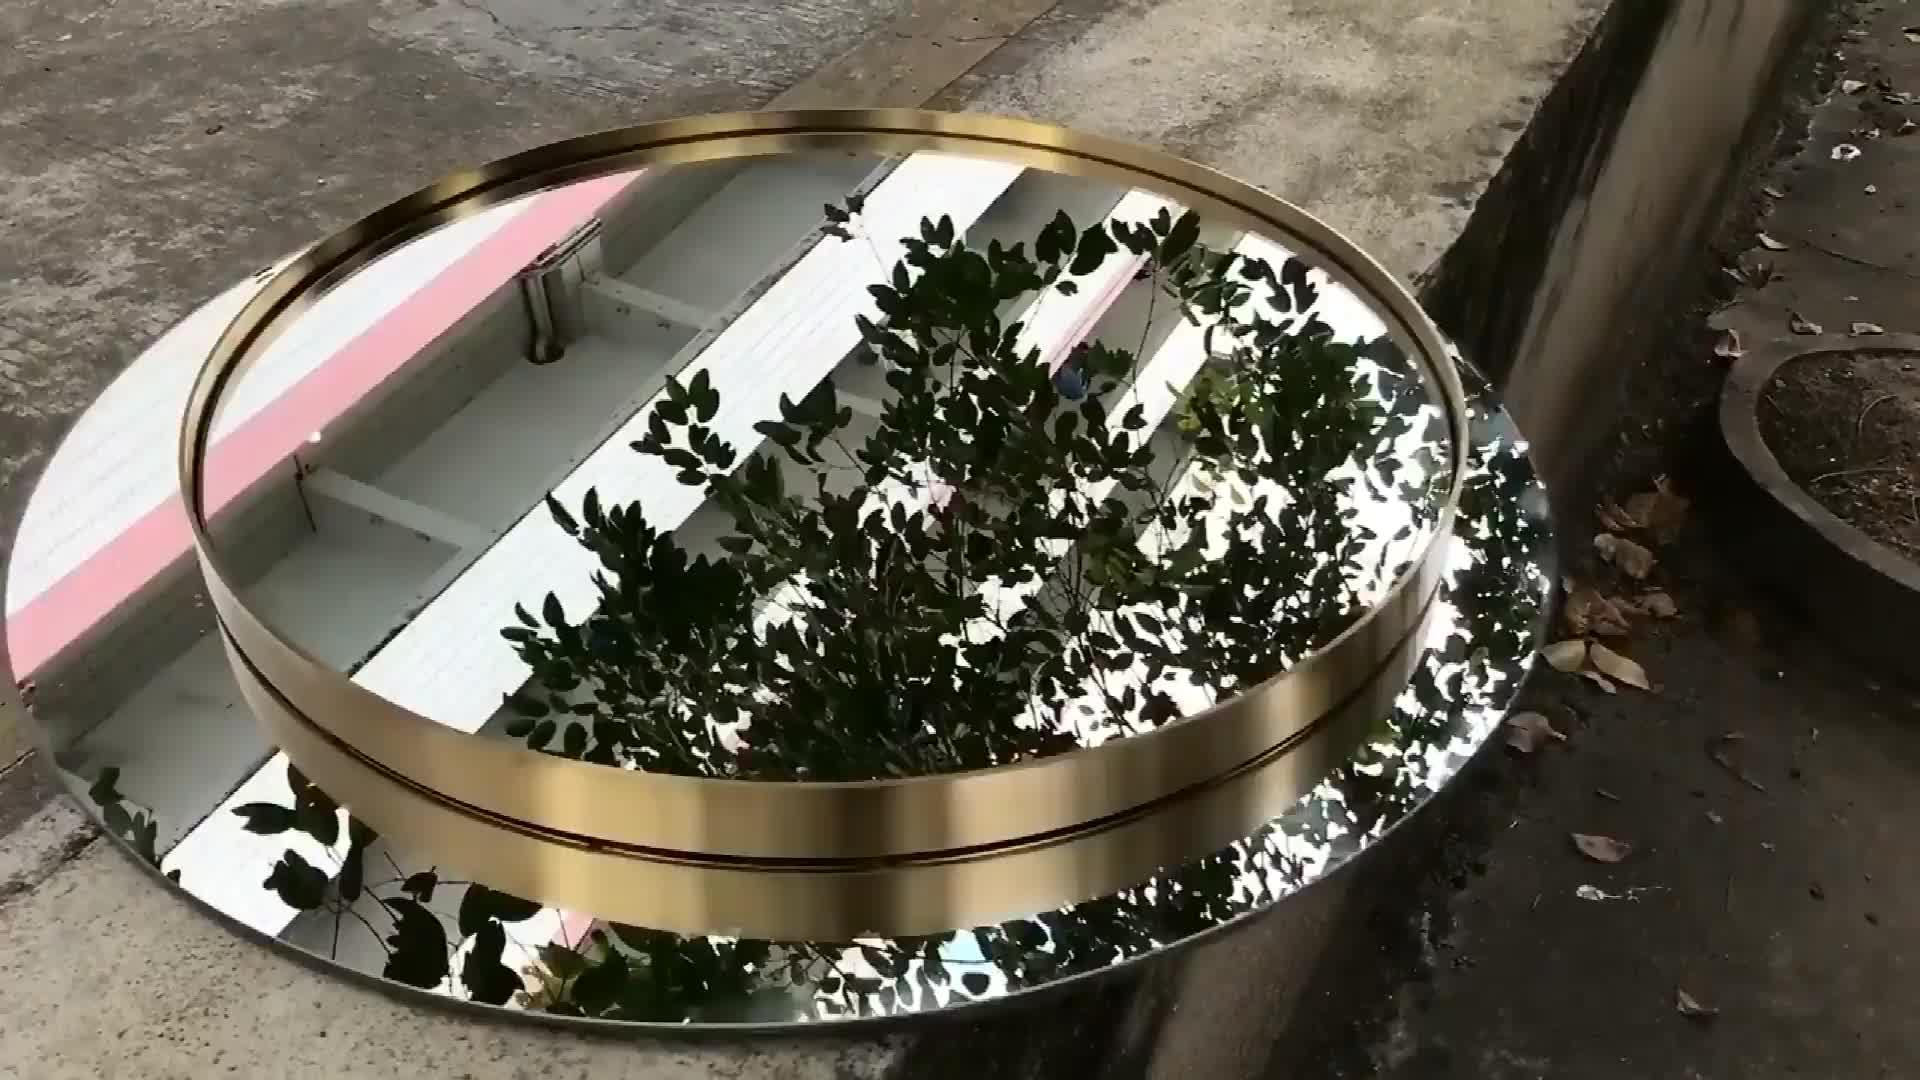 2019 neue antike gold runde form metall Rahmen dekorative wand spiegel